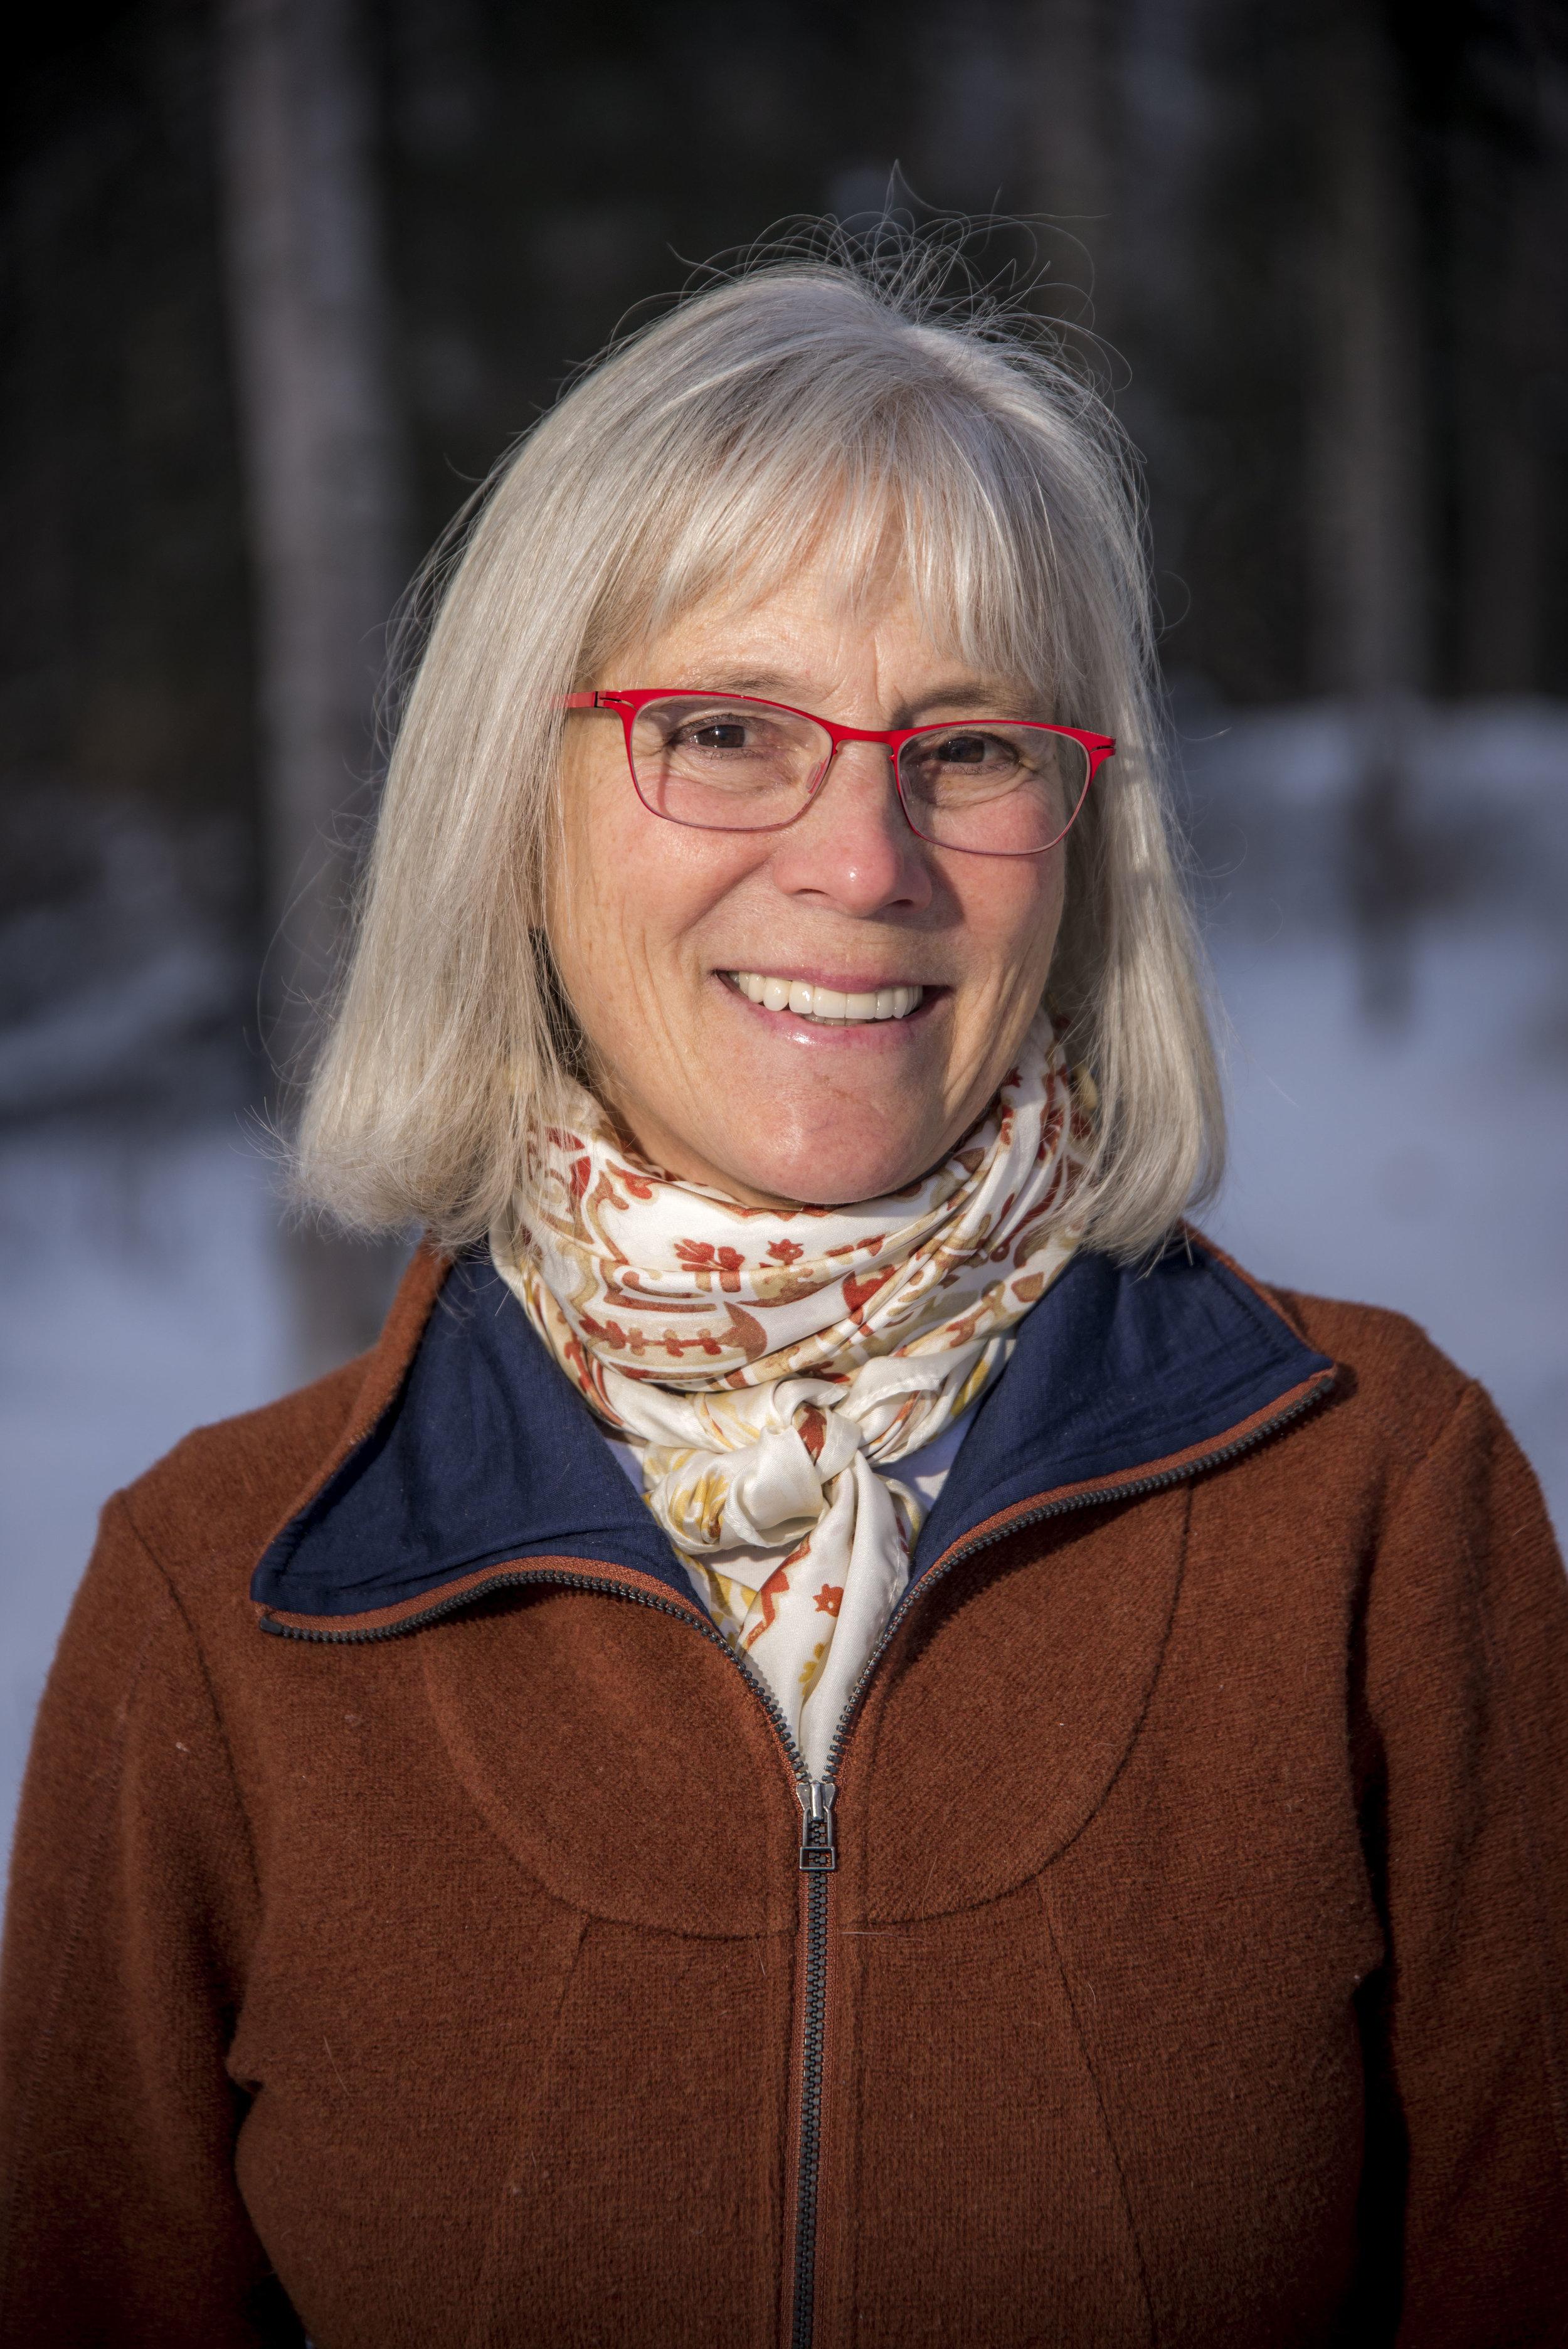 Invecchiare è il naturale sviluppo della vita che porta con sé benefici come saggezza, intuizione e il bisogno di esprimere chi si è veramente - Debbie Clarke Moderow, autrice e atleta dell'Iditarod Trail in Alaska